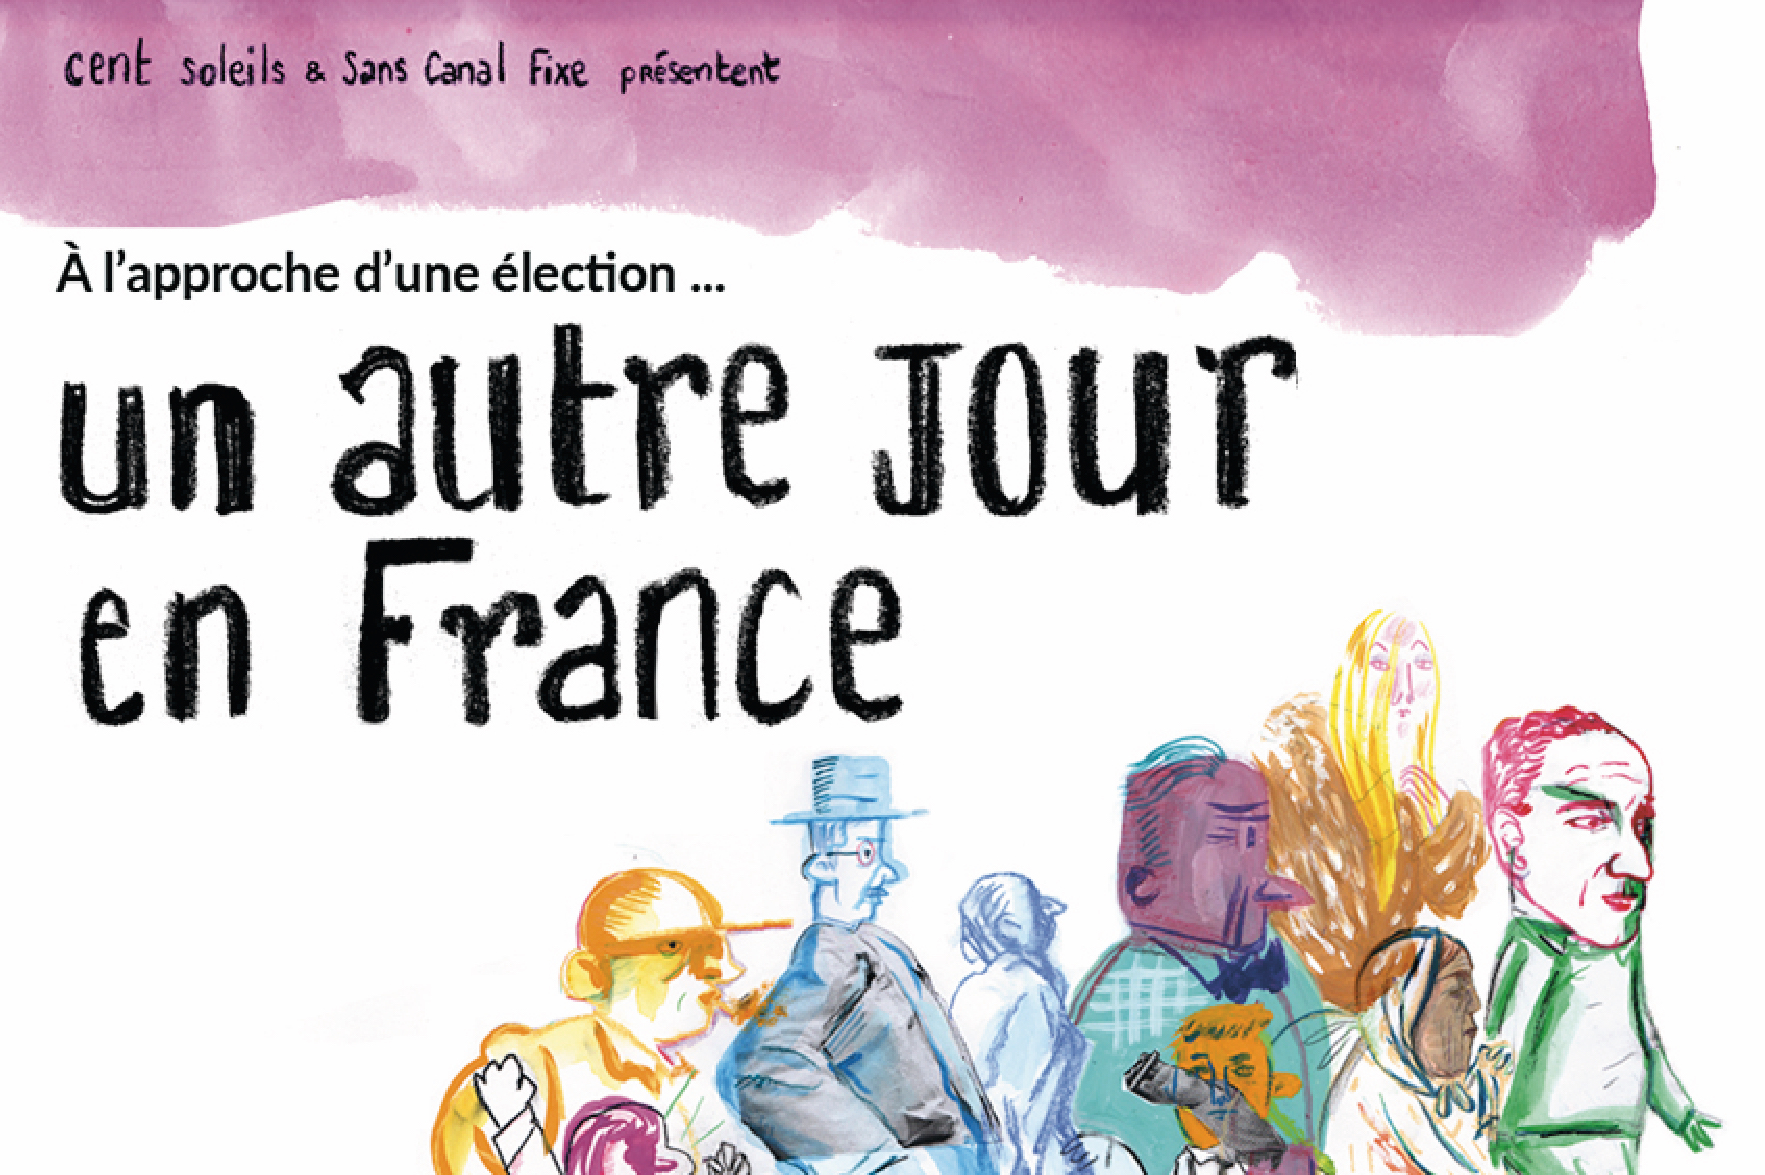 150x100_ok-UN AUTRE JOUR EN FRANCE.jpg